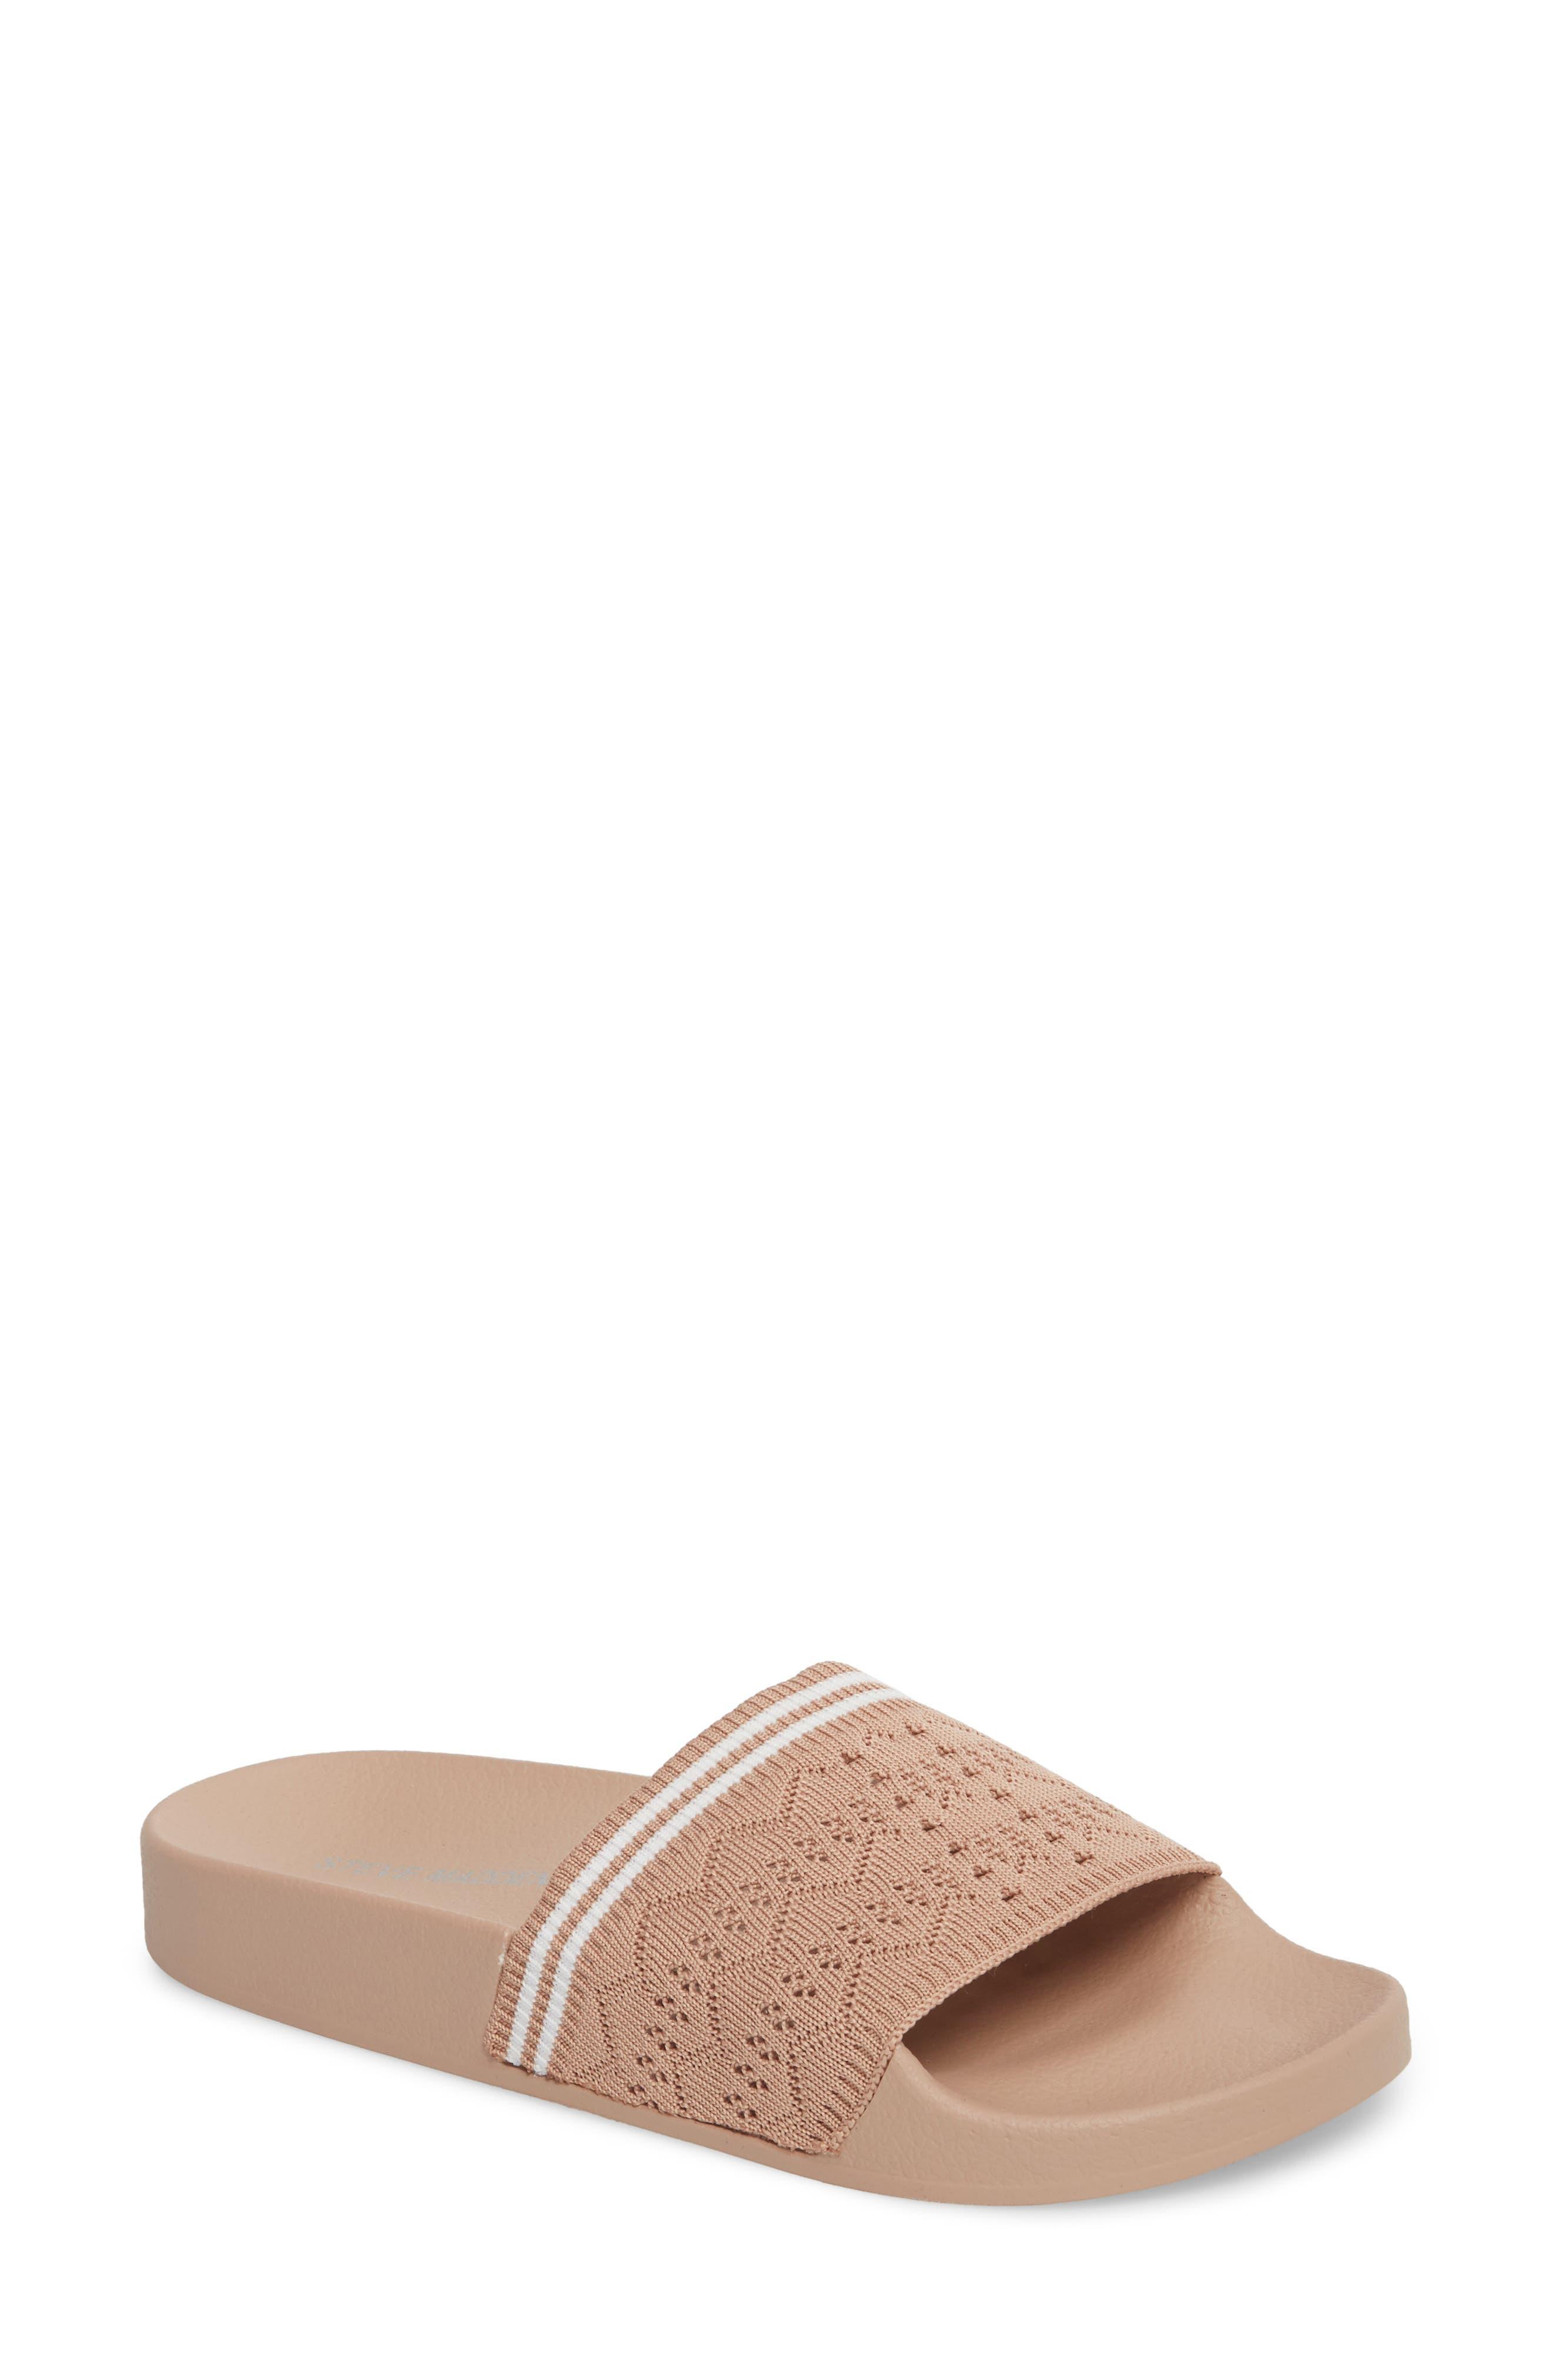 Vibe Sock Knit Slide Sandal,                             Main thumbnail 1, color,                             Blush